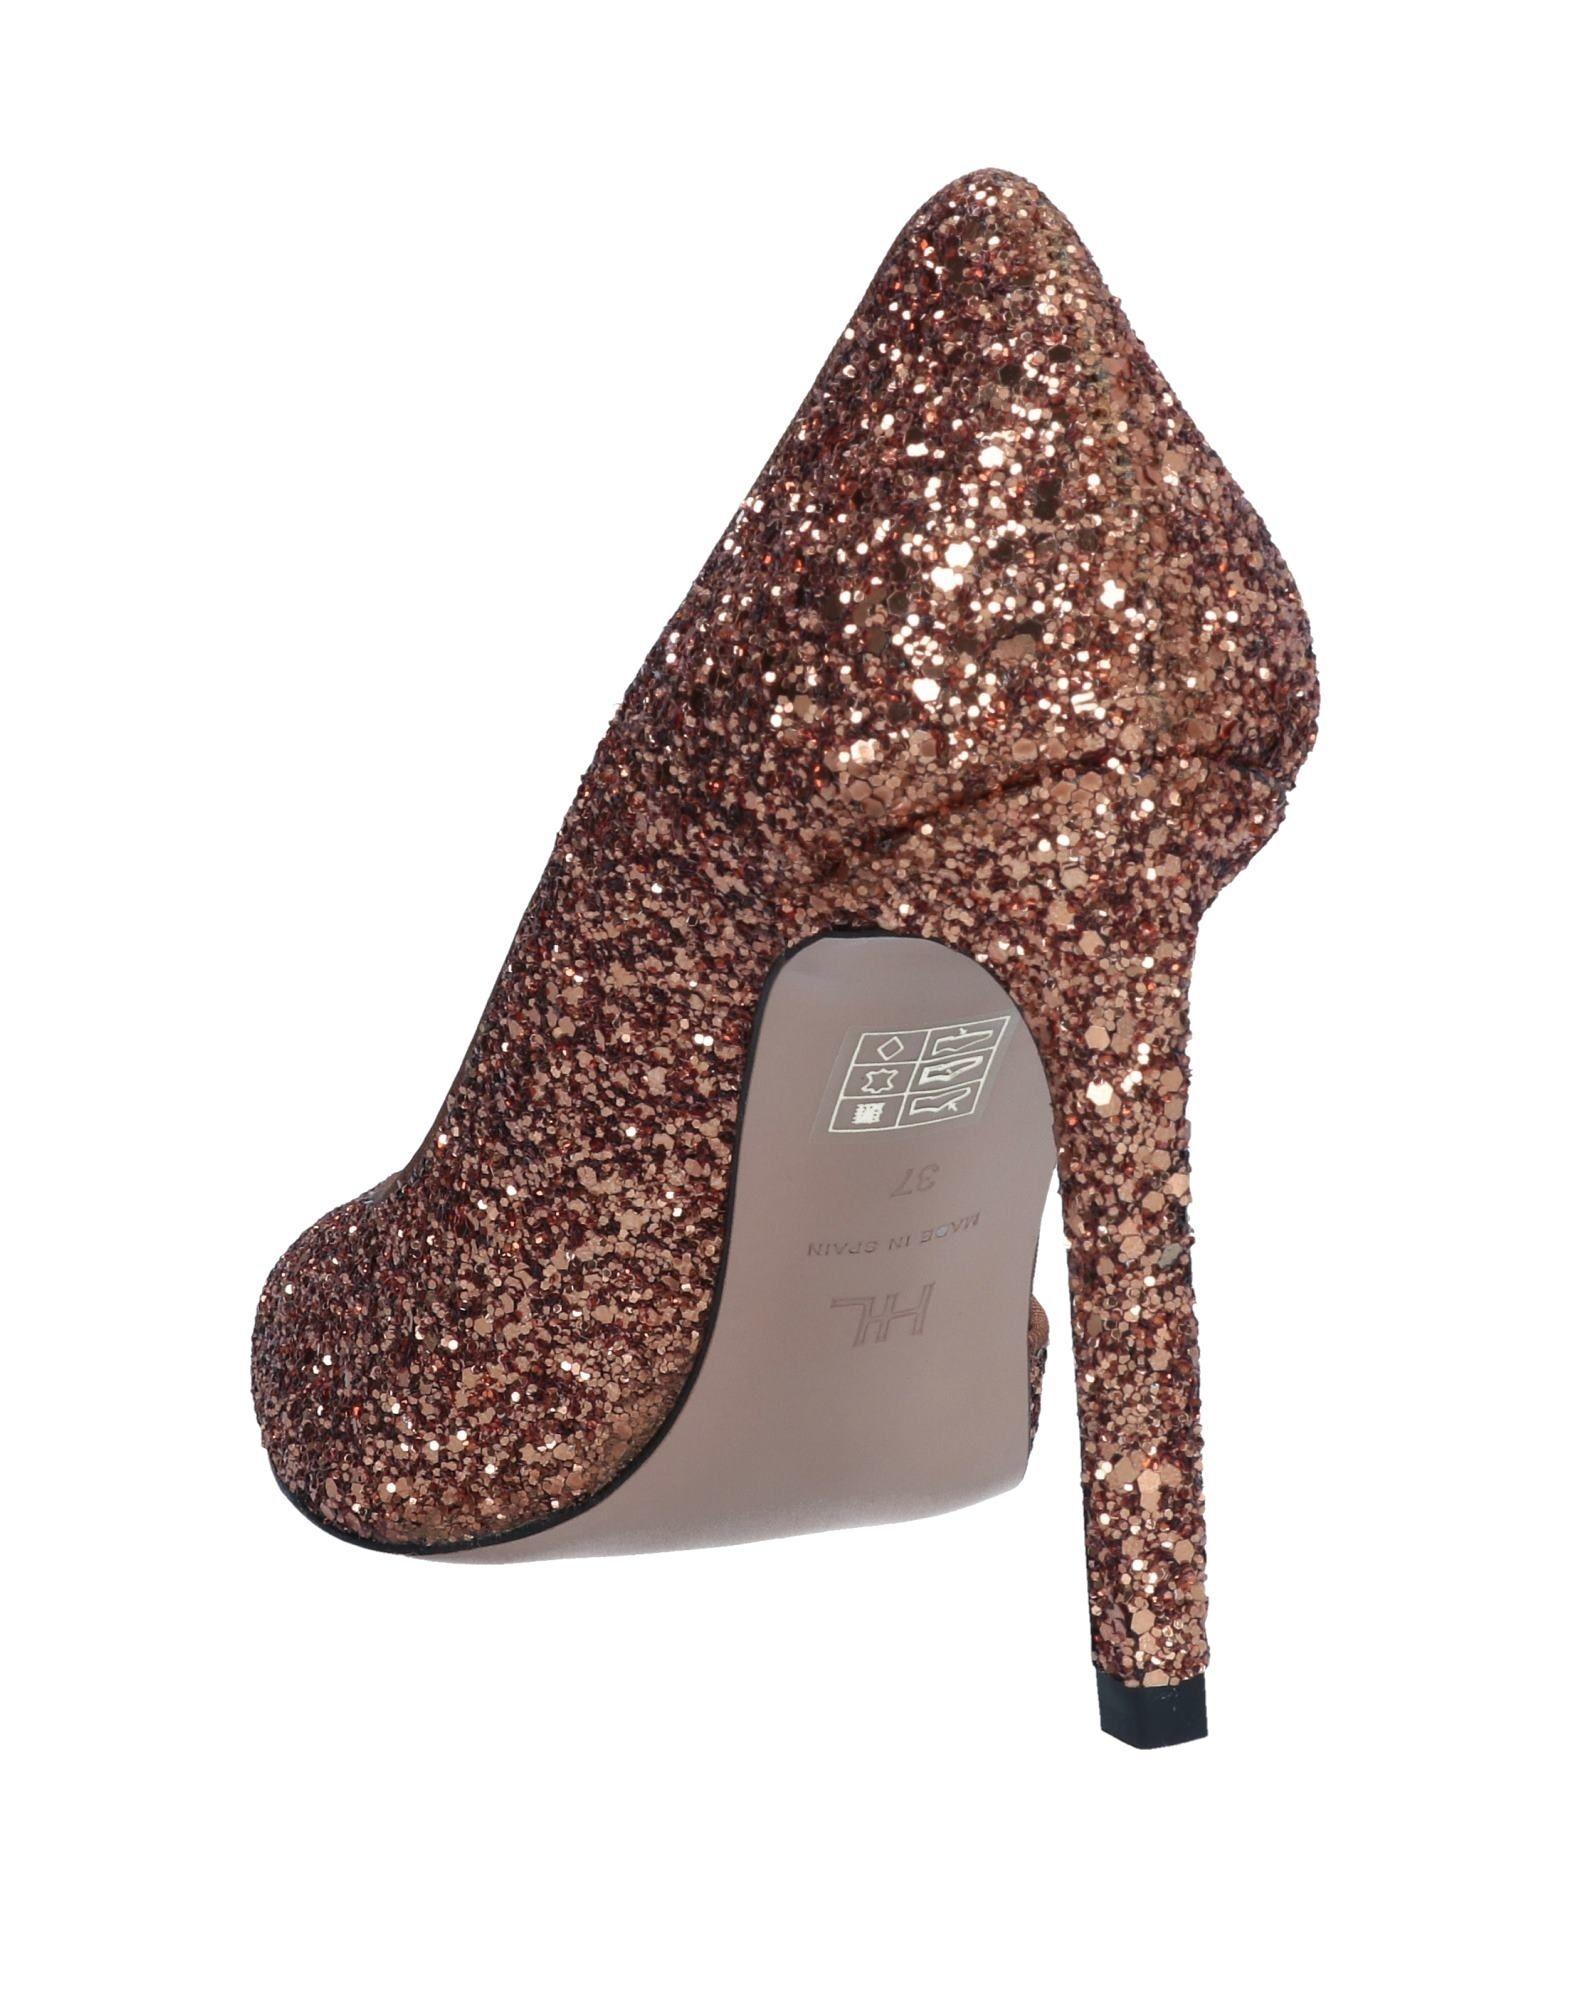 Hannibal Laguna Pumps Qualität Damen  11543625GN Gute Qualität Pumps beliebte Schuhe da28d8